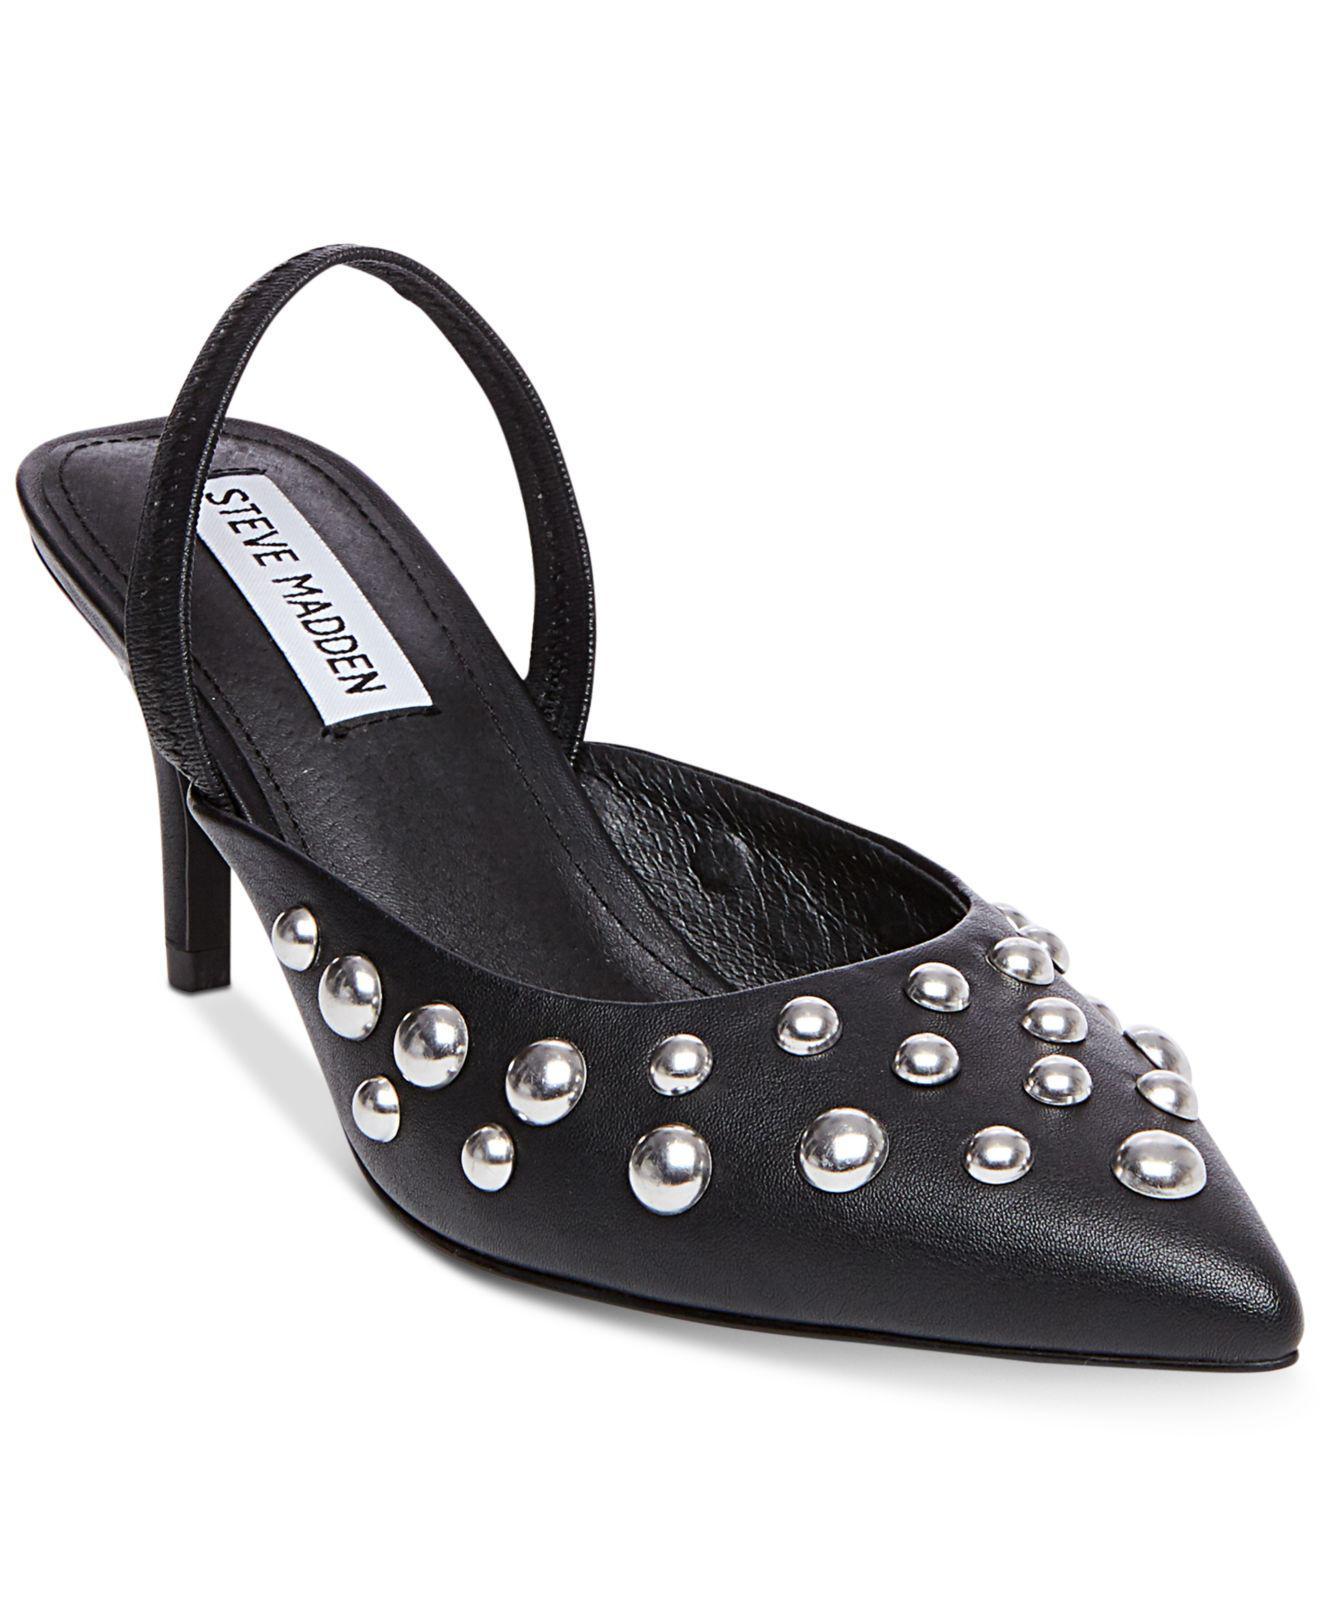 8cfbe643b1f Lyst - Steve Madden Women s Meteor Studded Kitten-heel Pumps in Black